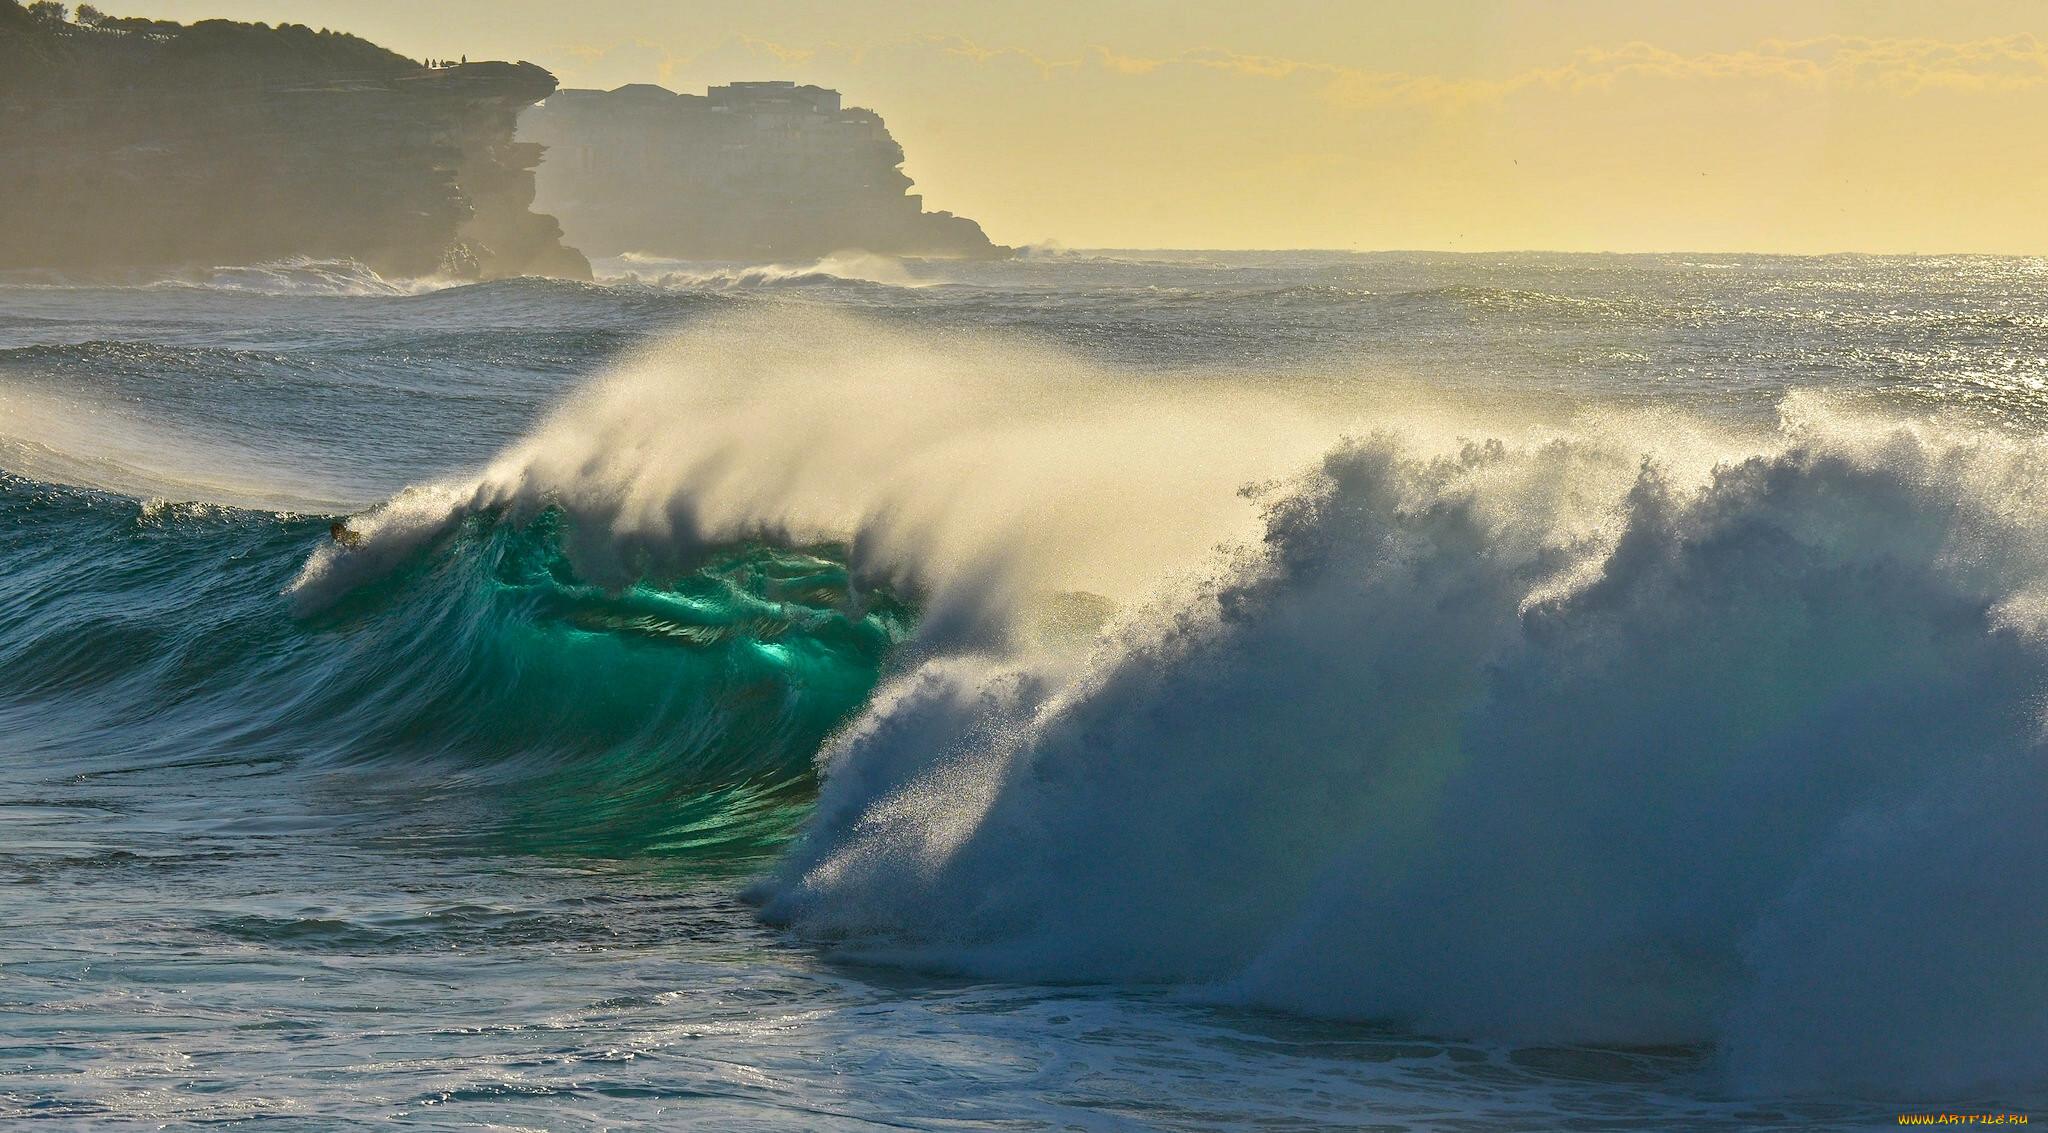 страна, прикольные картинки тихого океана ними вероятно